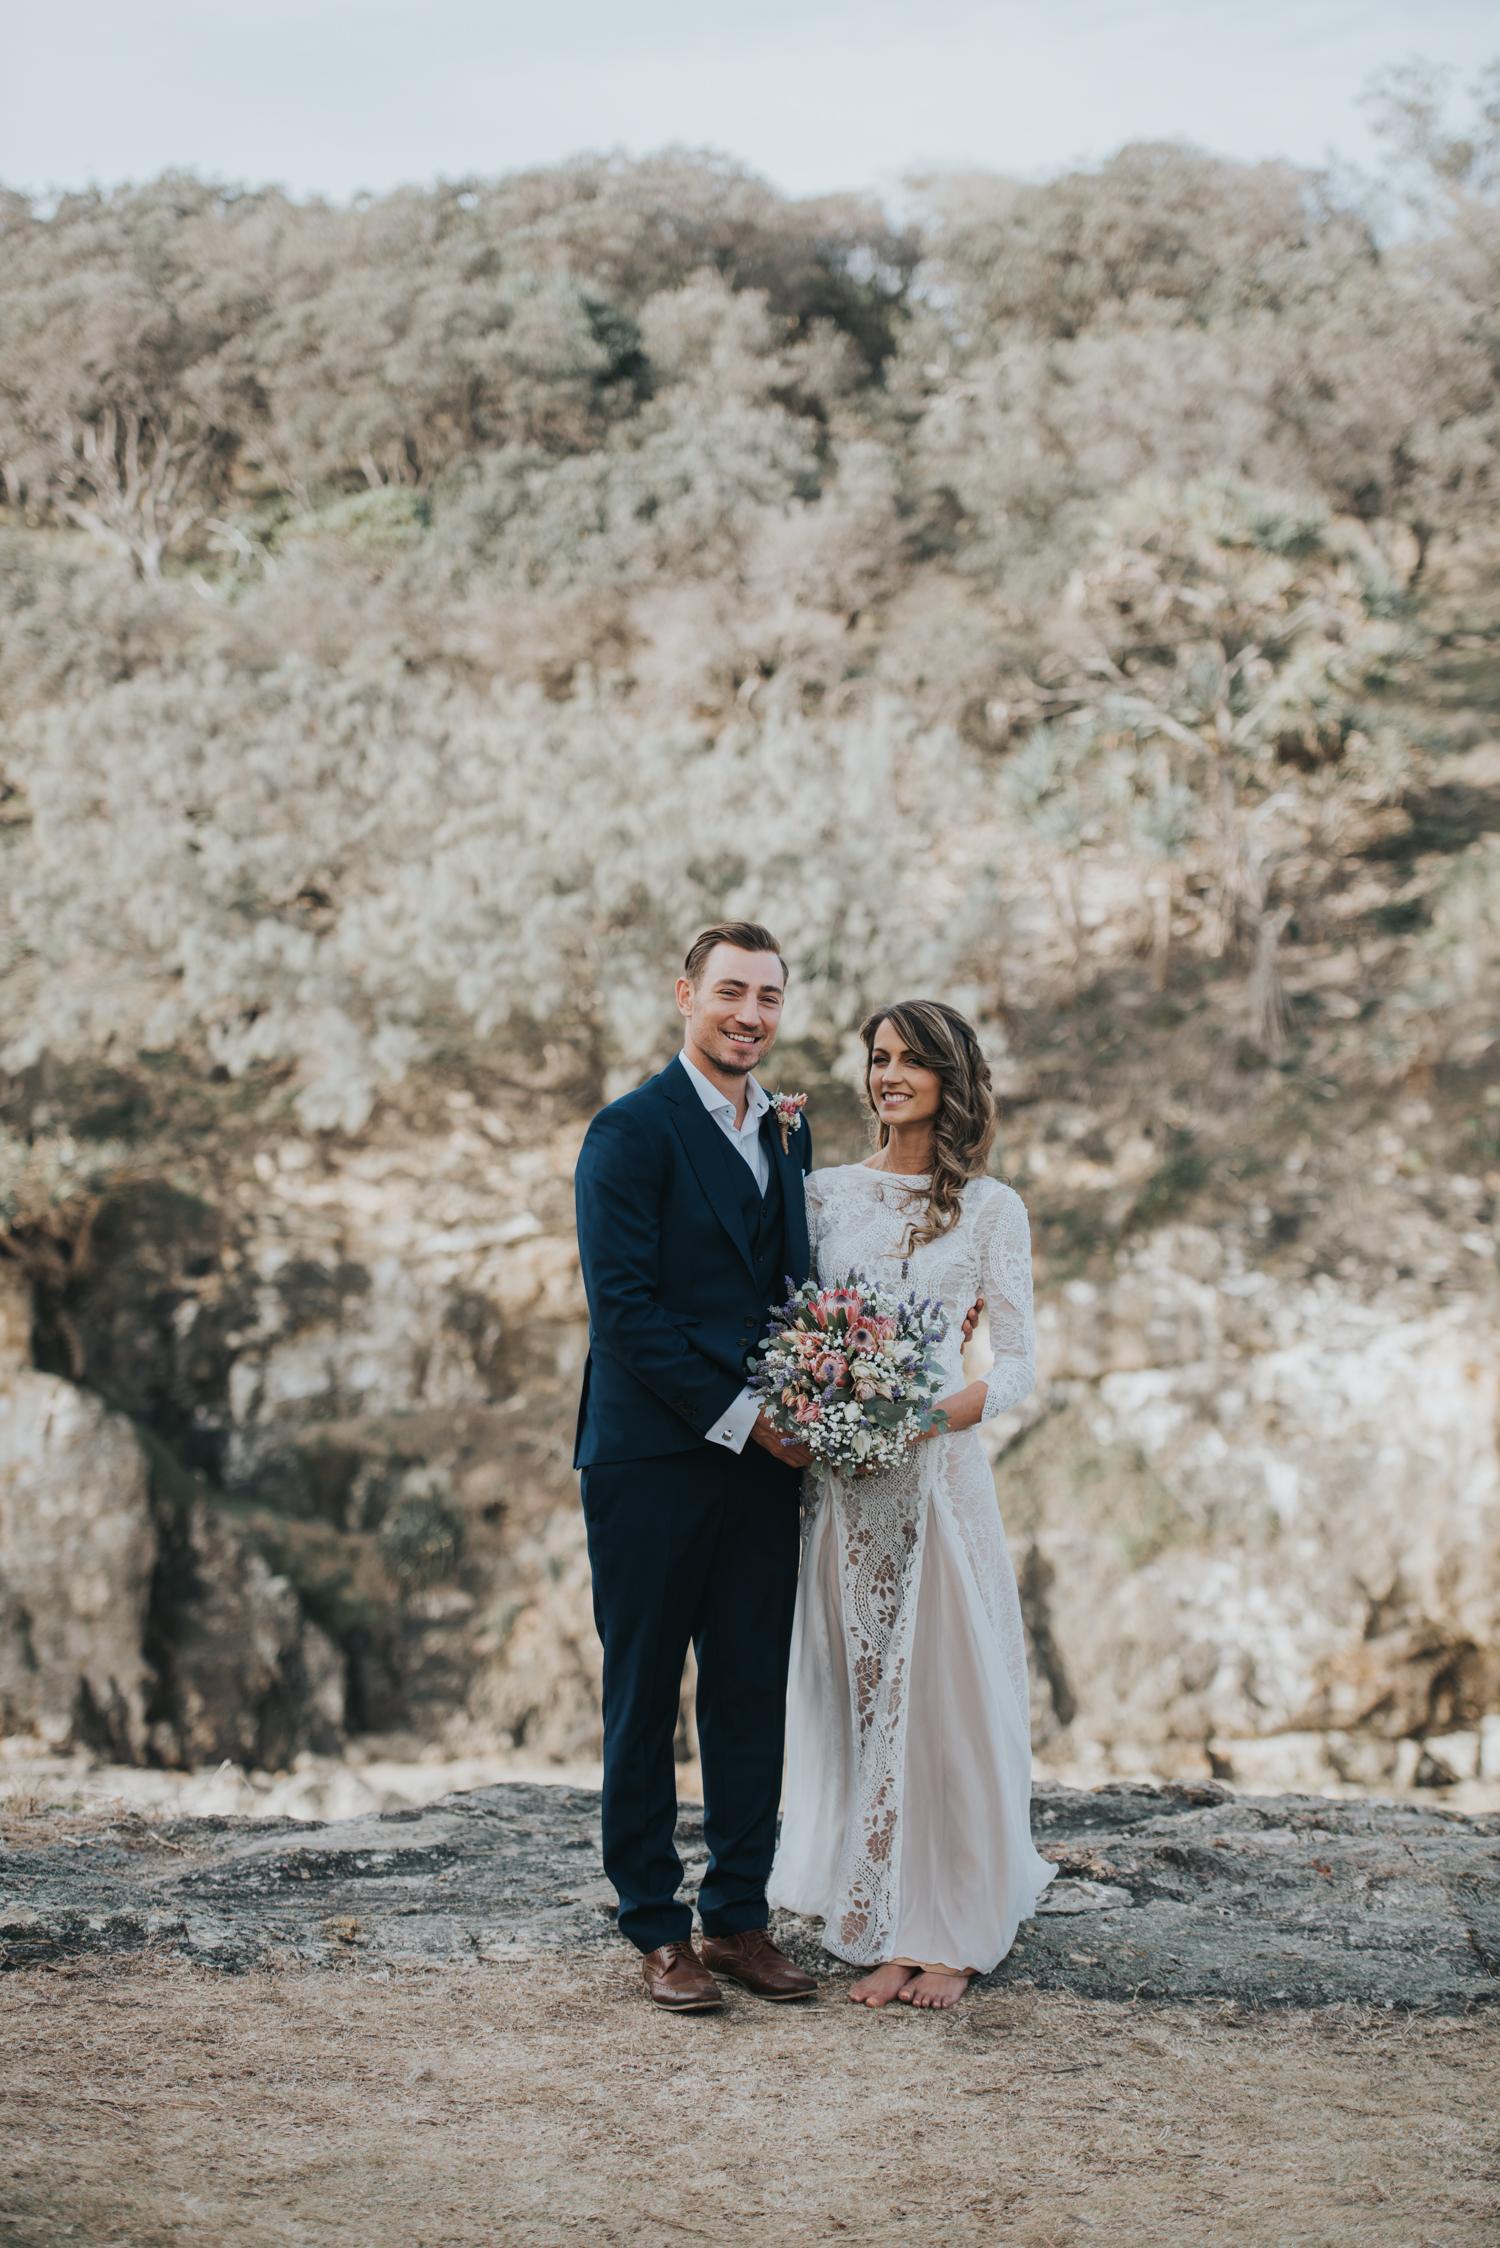 Stradbroke Island Wedding Photography v2-3.jpg